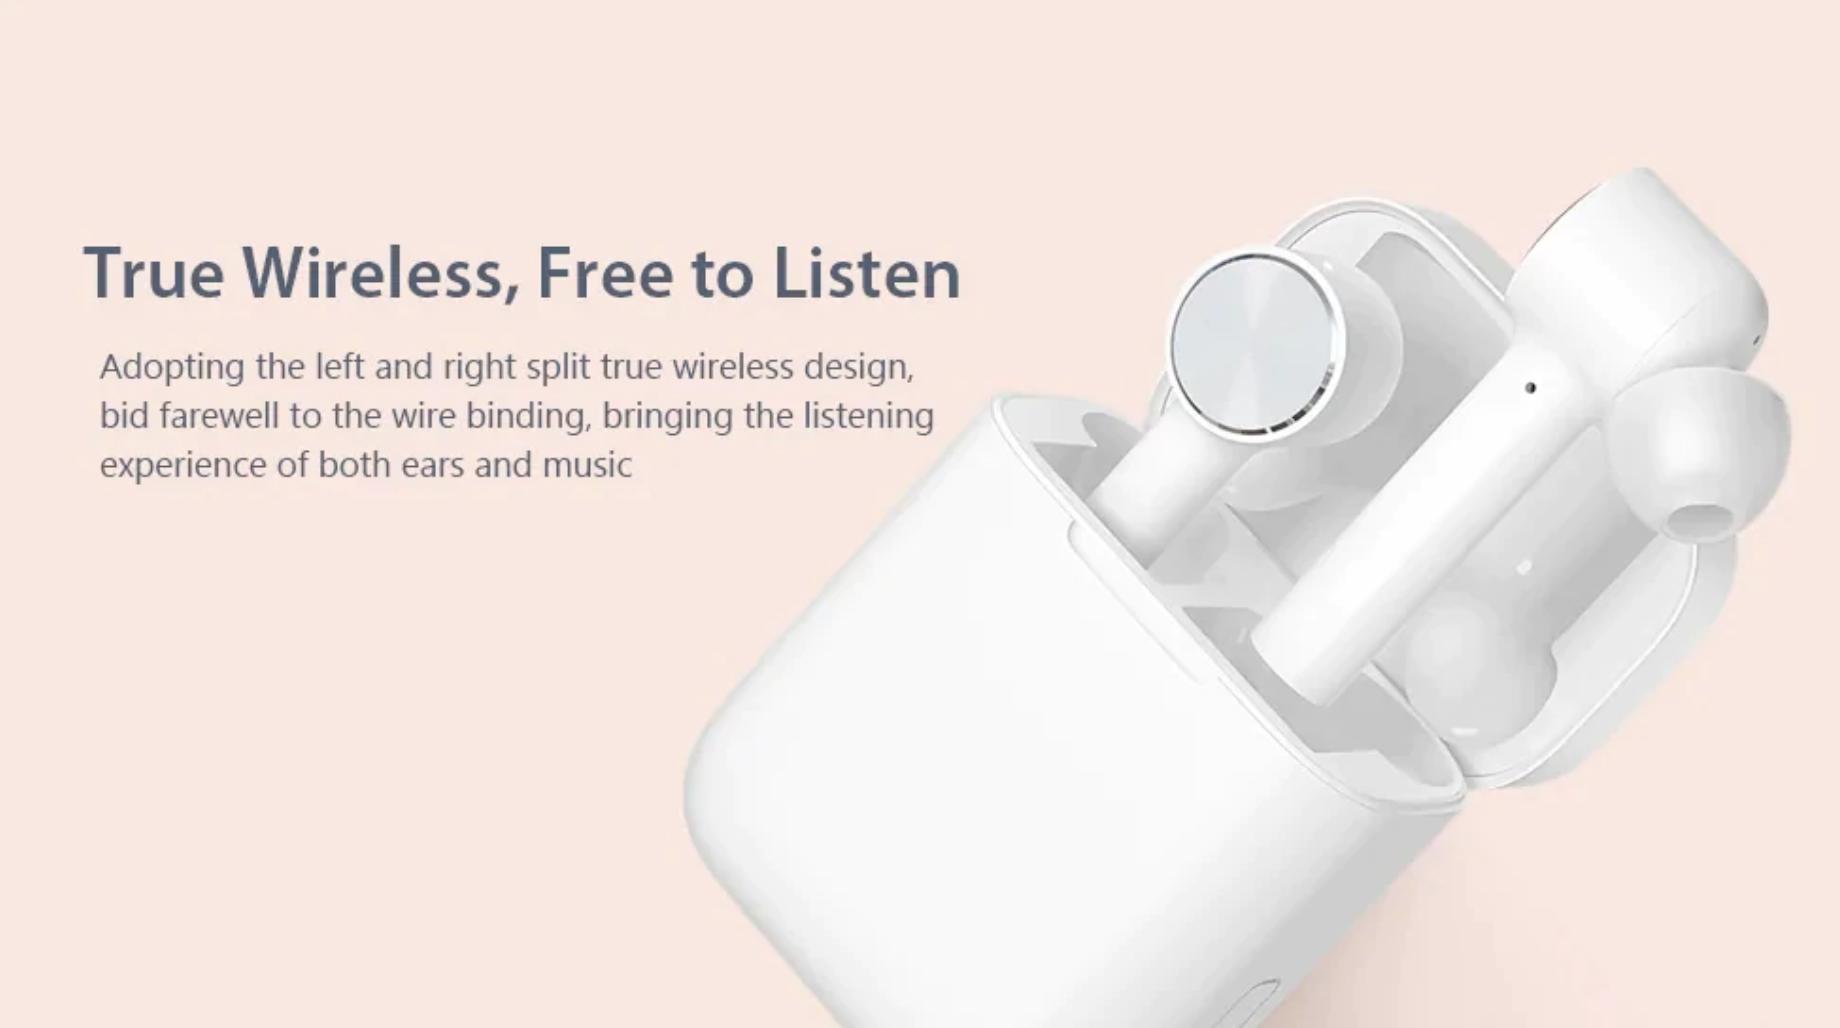 หูฟังบลูทูธจาก Xiaomi ที่ Aliexpress ให้ส่วนลดถึง 31%